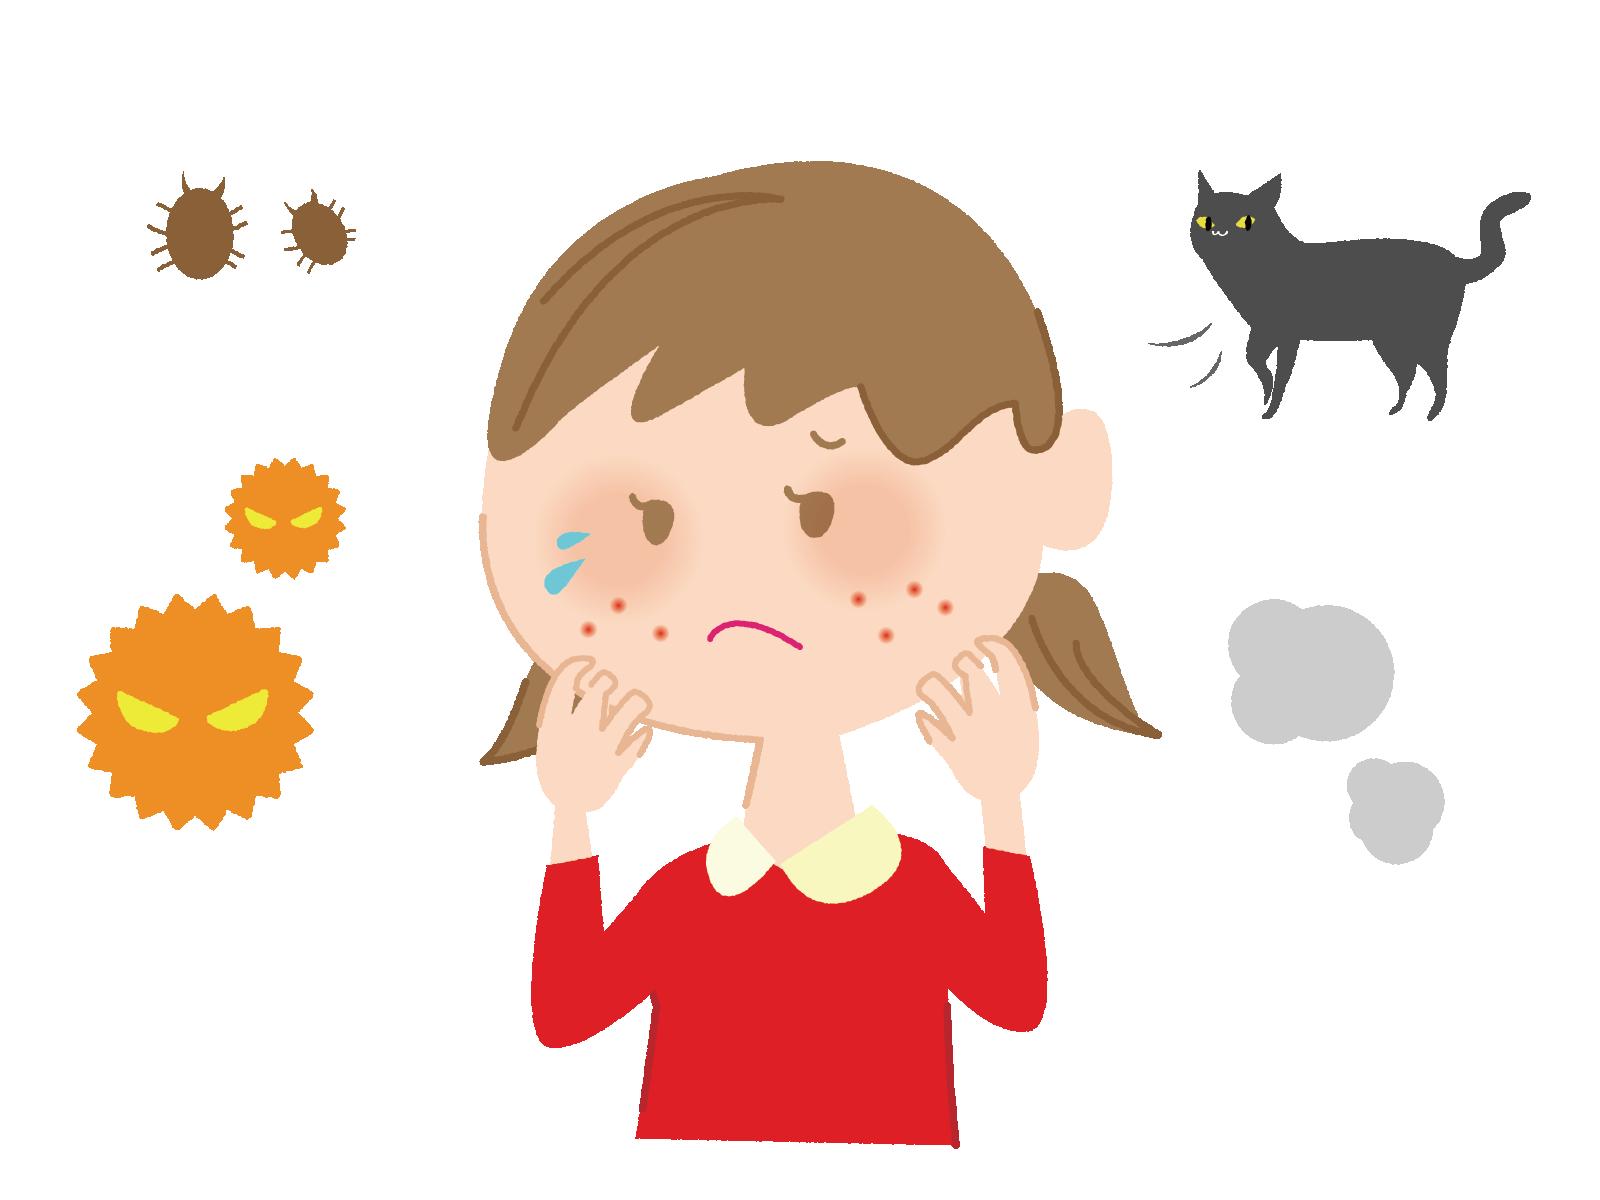 乾燥体質よりも乳幼児期の湿疹歴の方が、その後の多くのアレルゲンへの感作に影響する